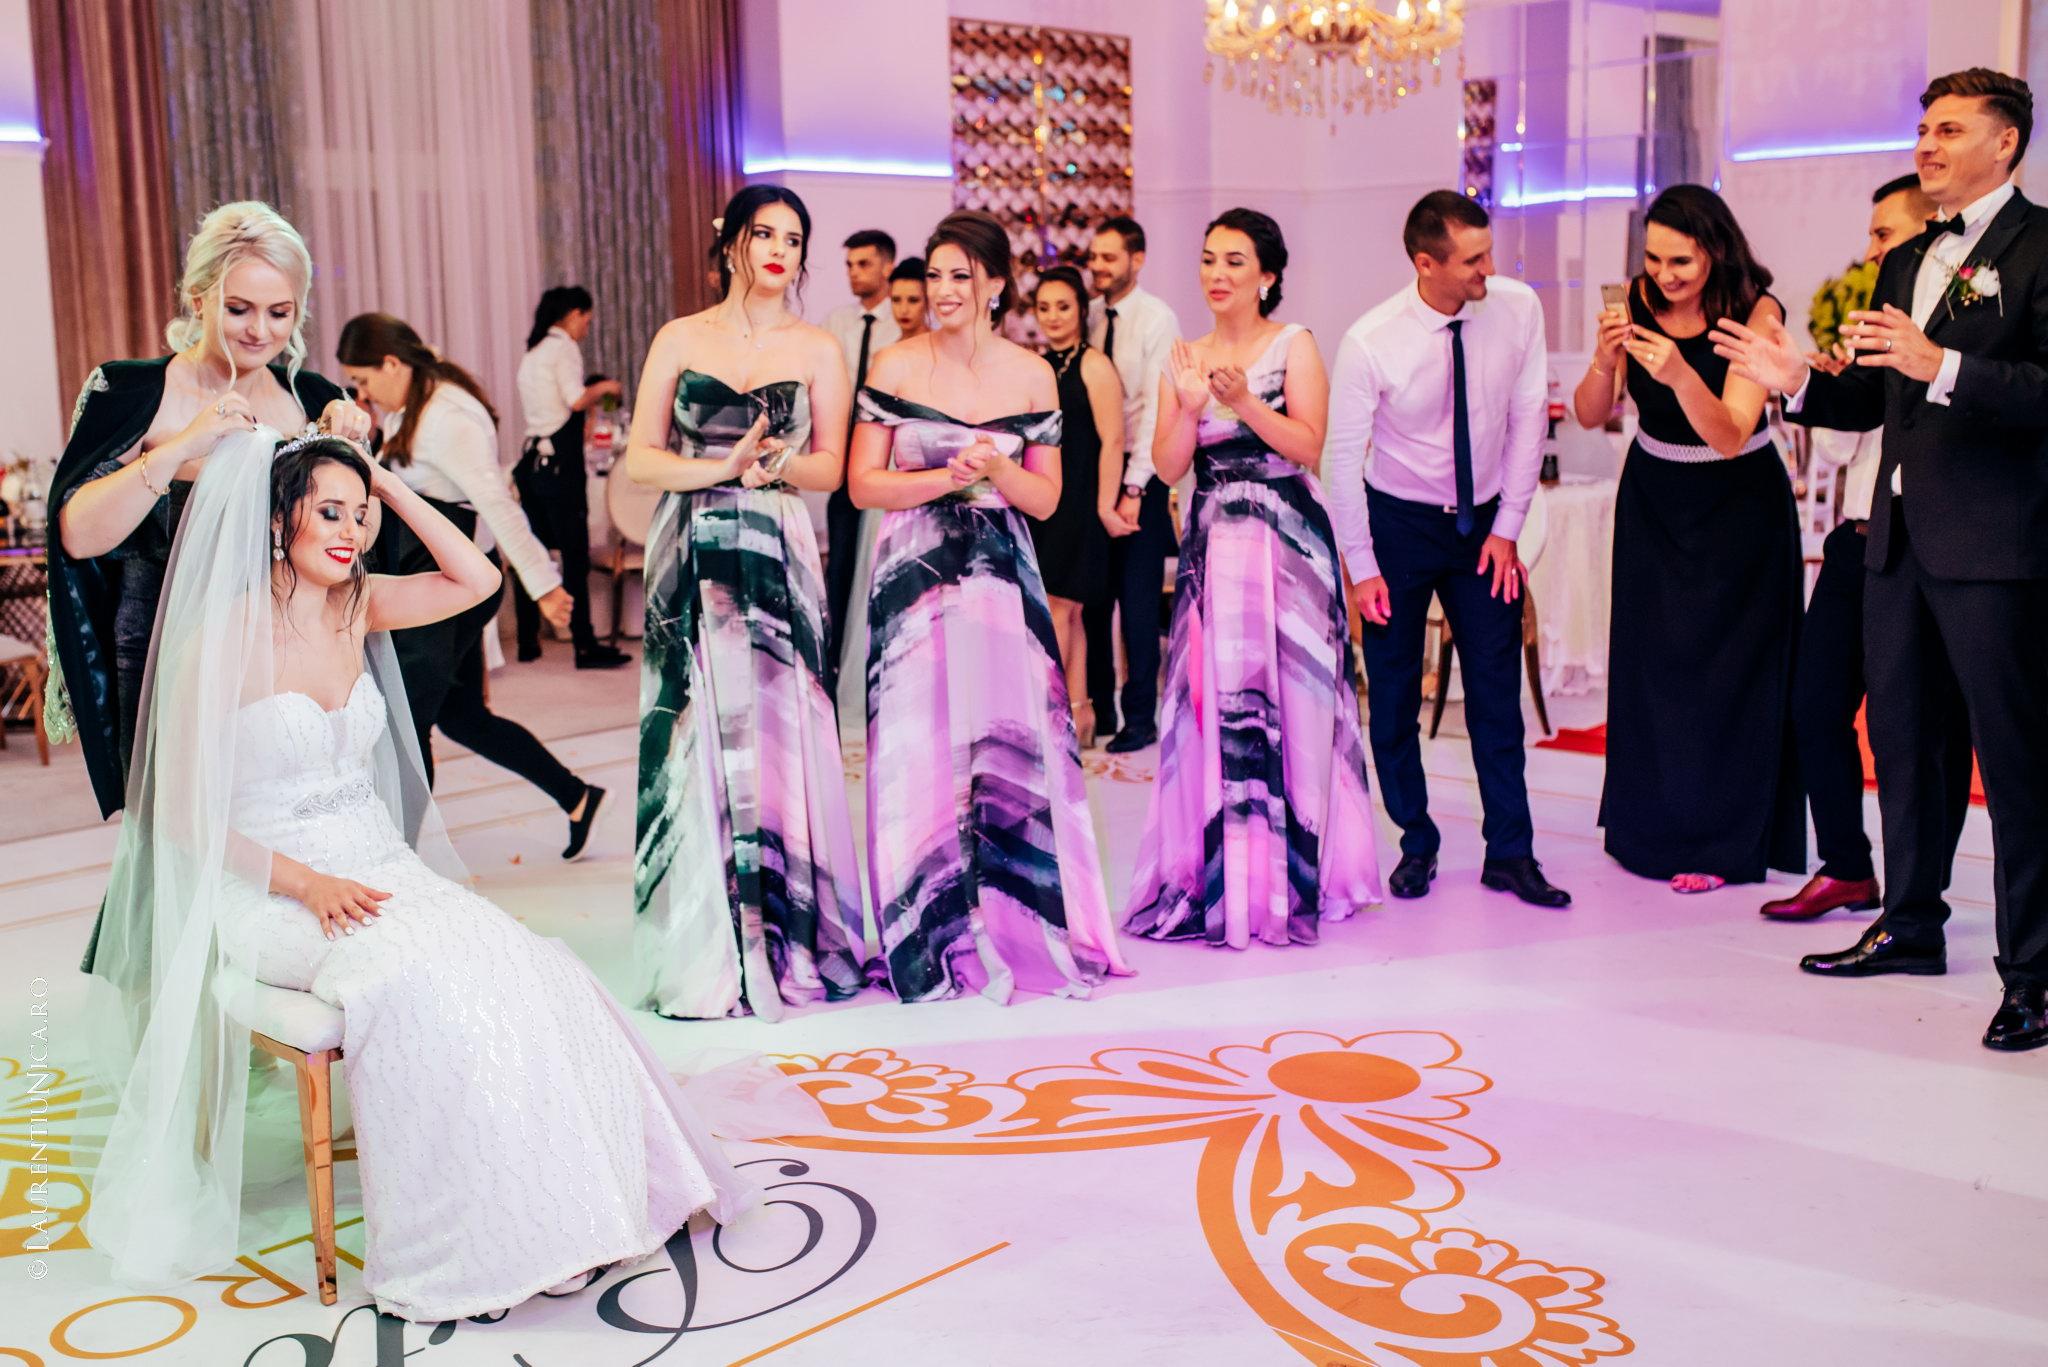 fotografii nunta denisa si florin craiova 55 - Denisa & Florin | Fotografii nunta | Craiova